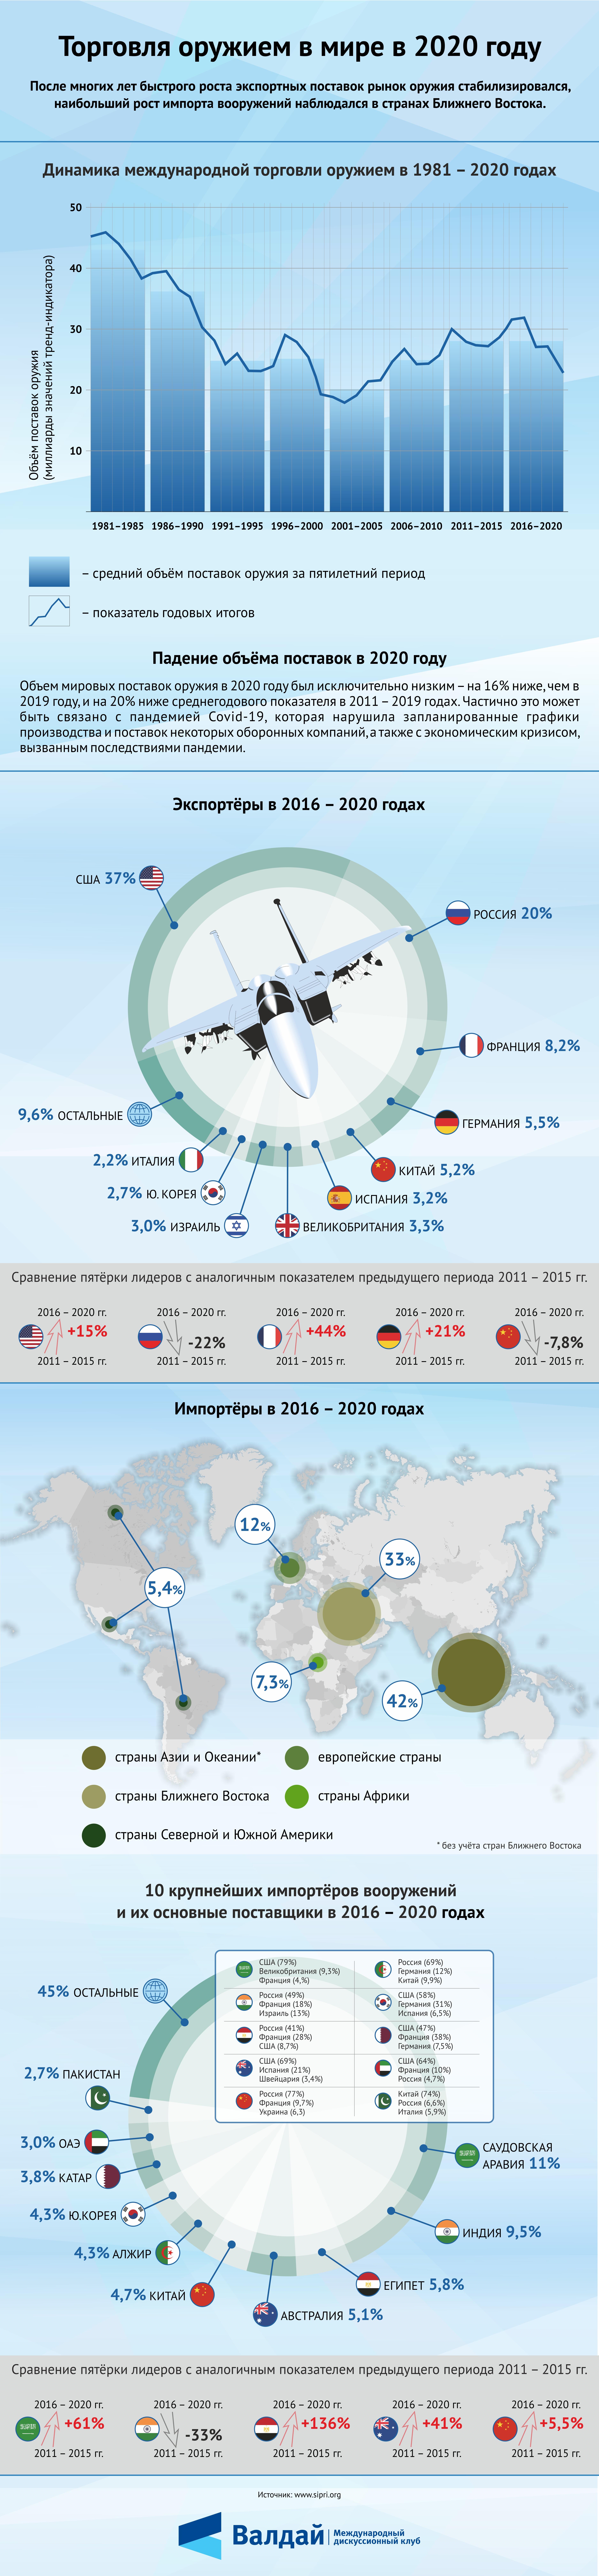 Торговля оружием в мире в 2020 году